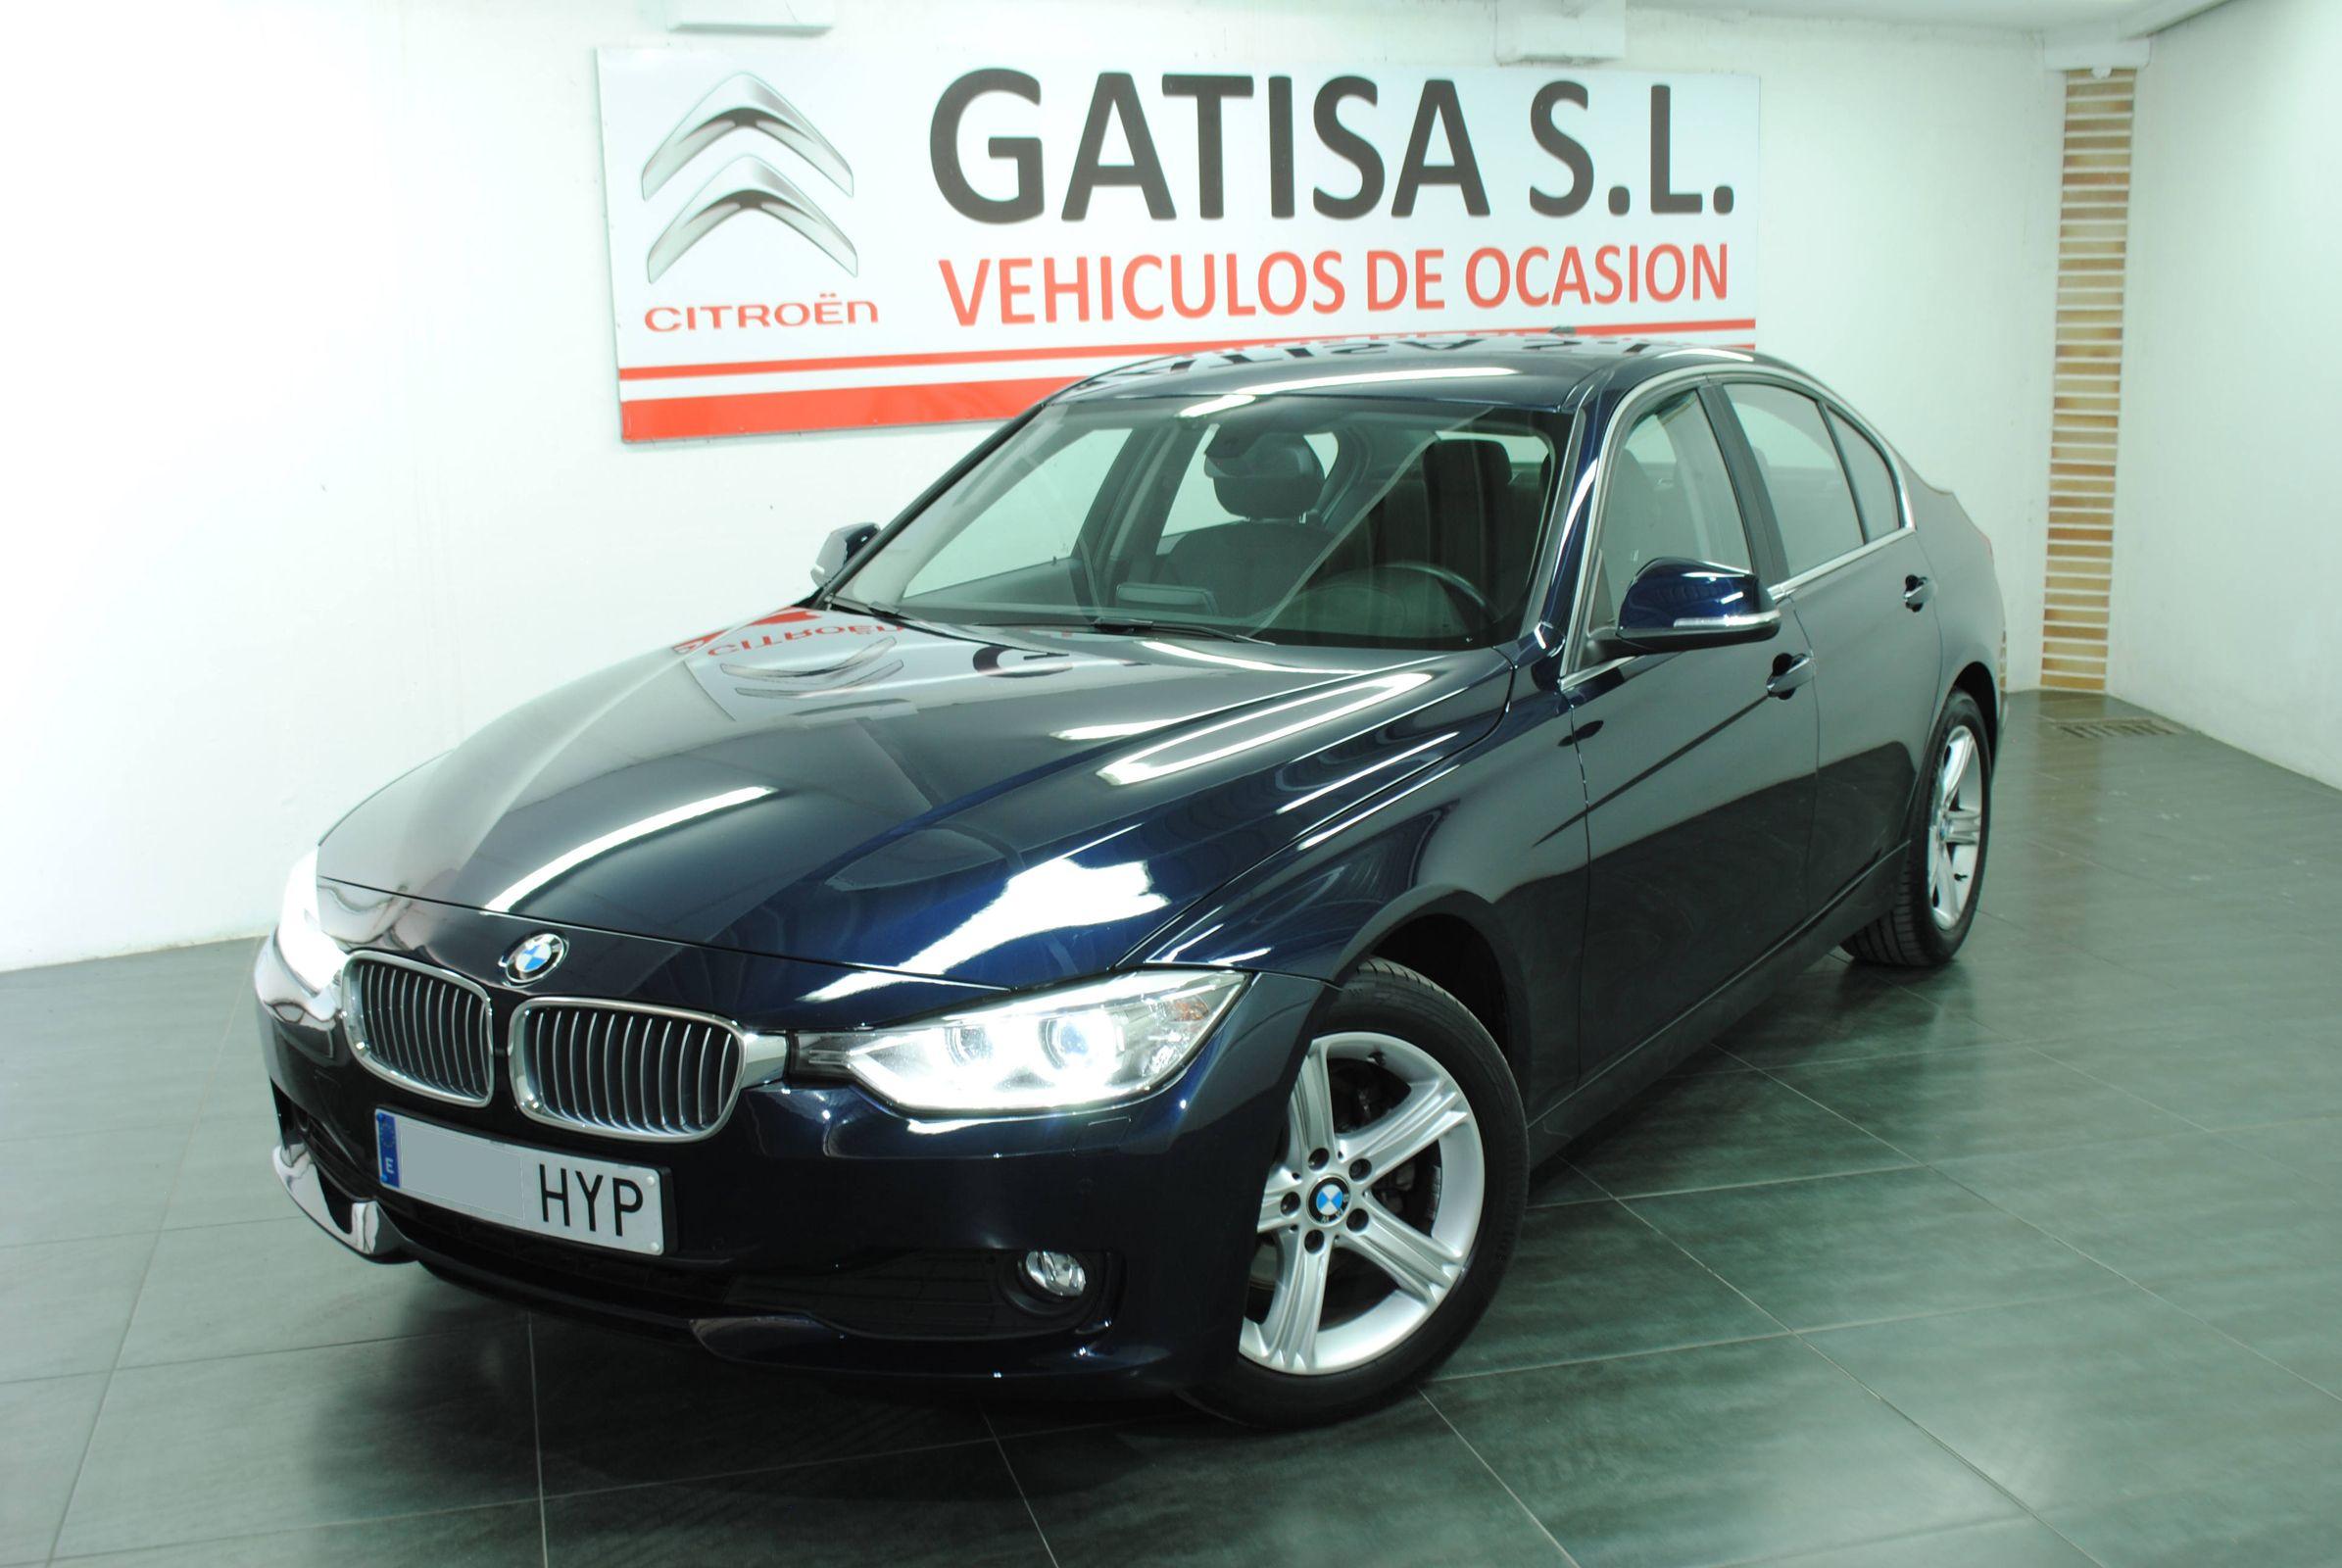 OFERTA MES DE MAYO BMW